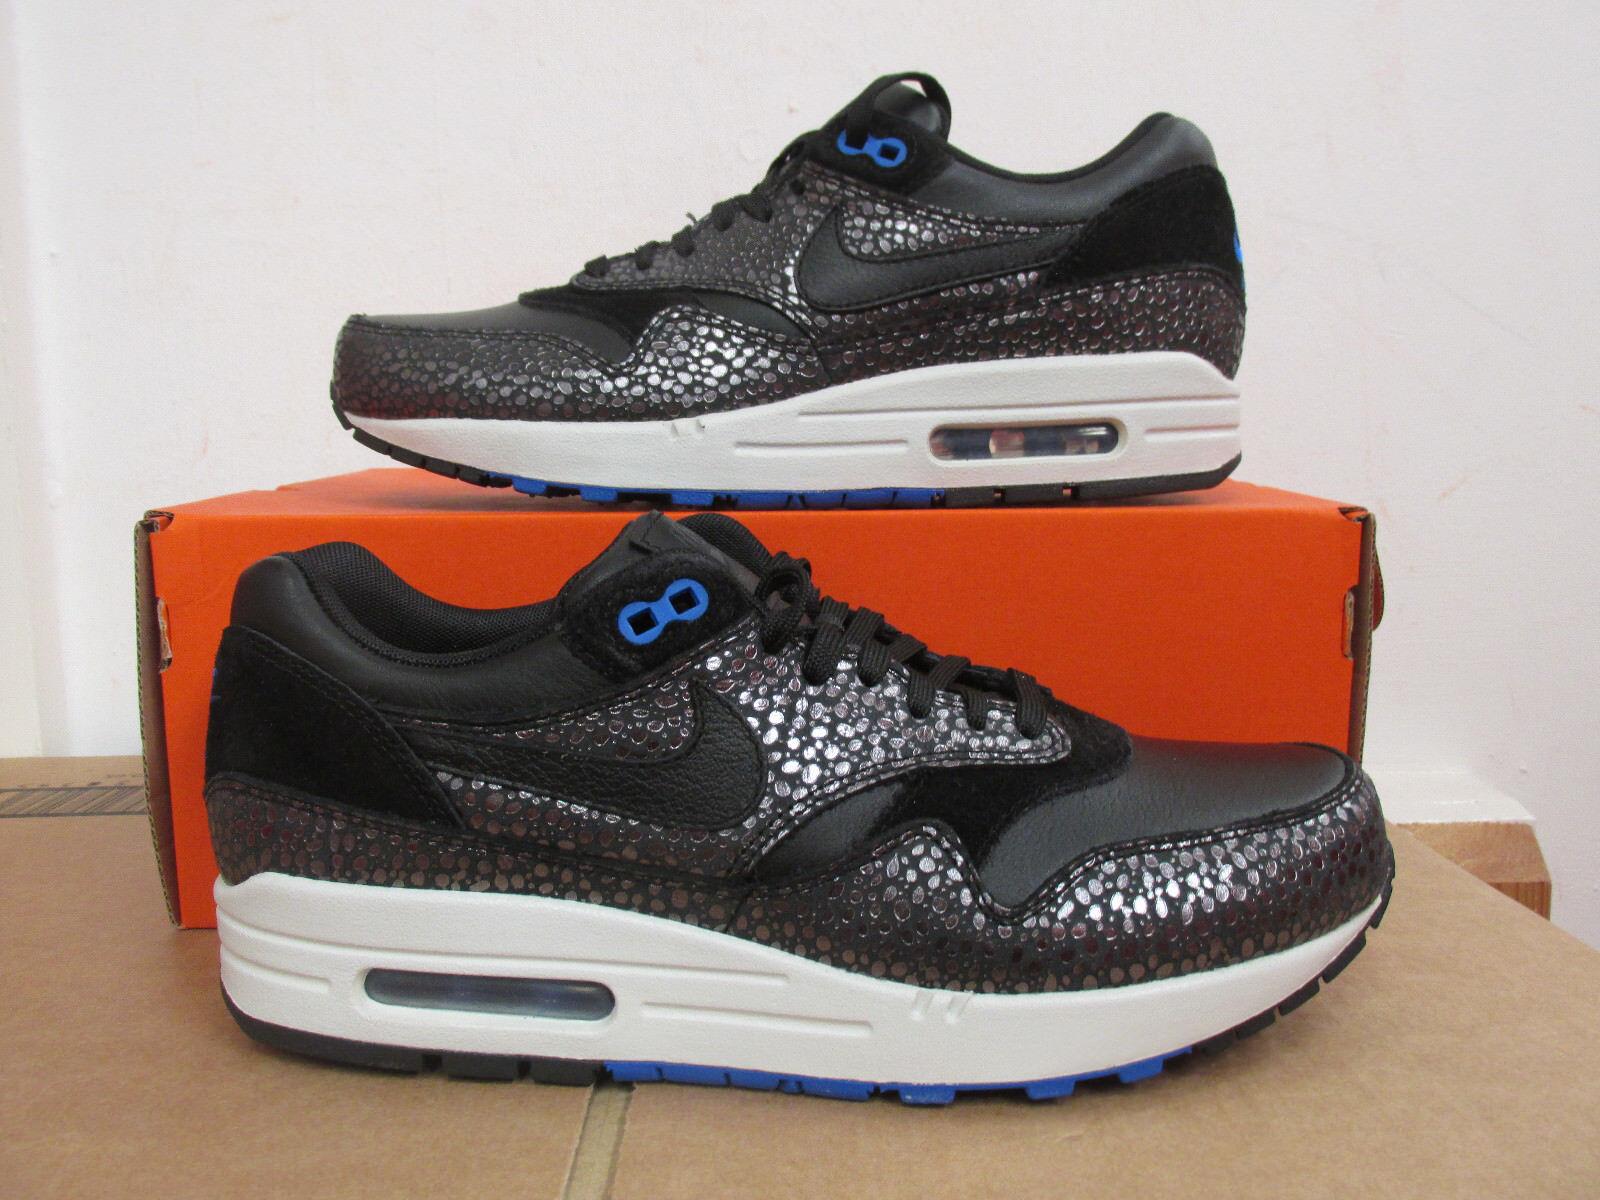 Nike air max 1 deluxe Uomo formatori 684708 001 scarpe, scarpe di autorizzazione